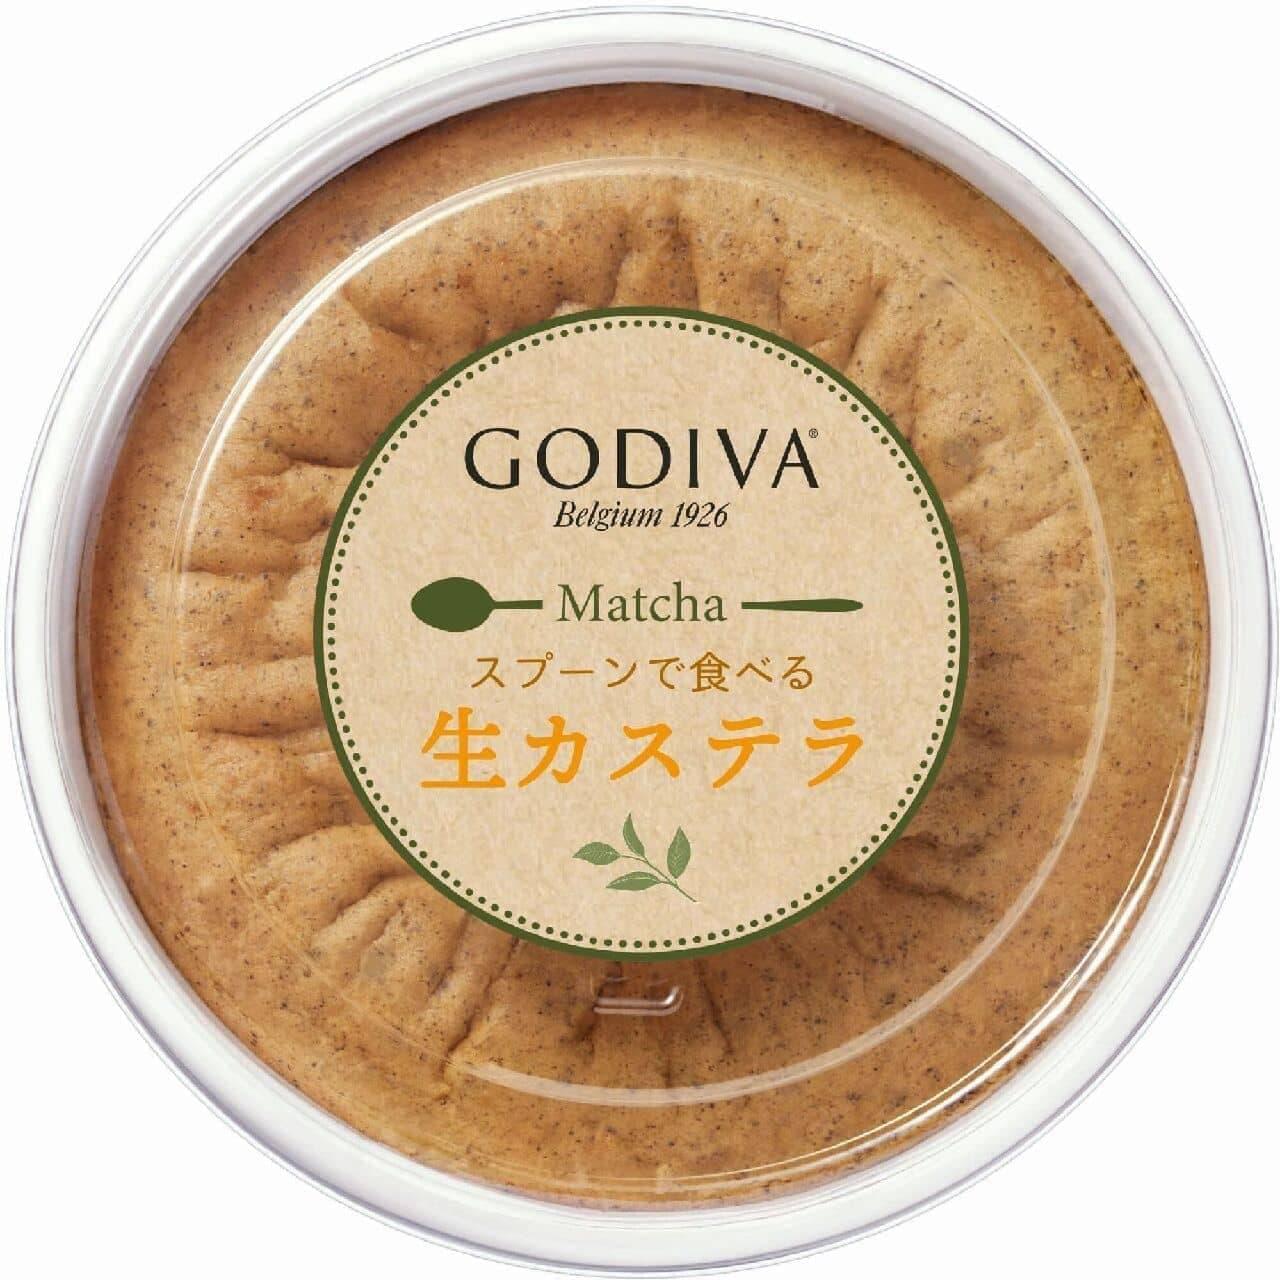 ゴディバ「スプーンで食べる生カステラ 抹茶」